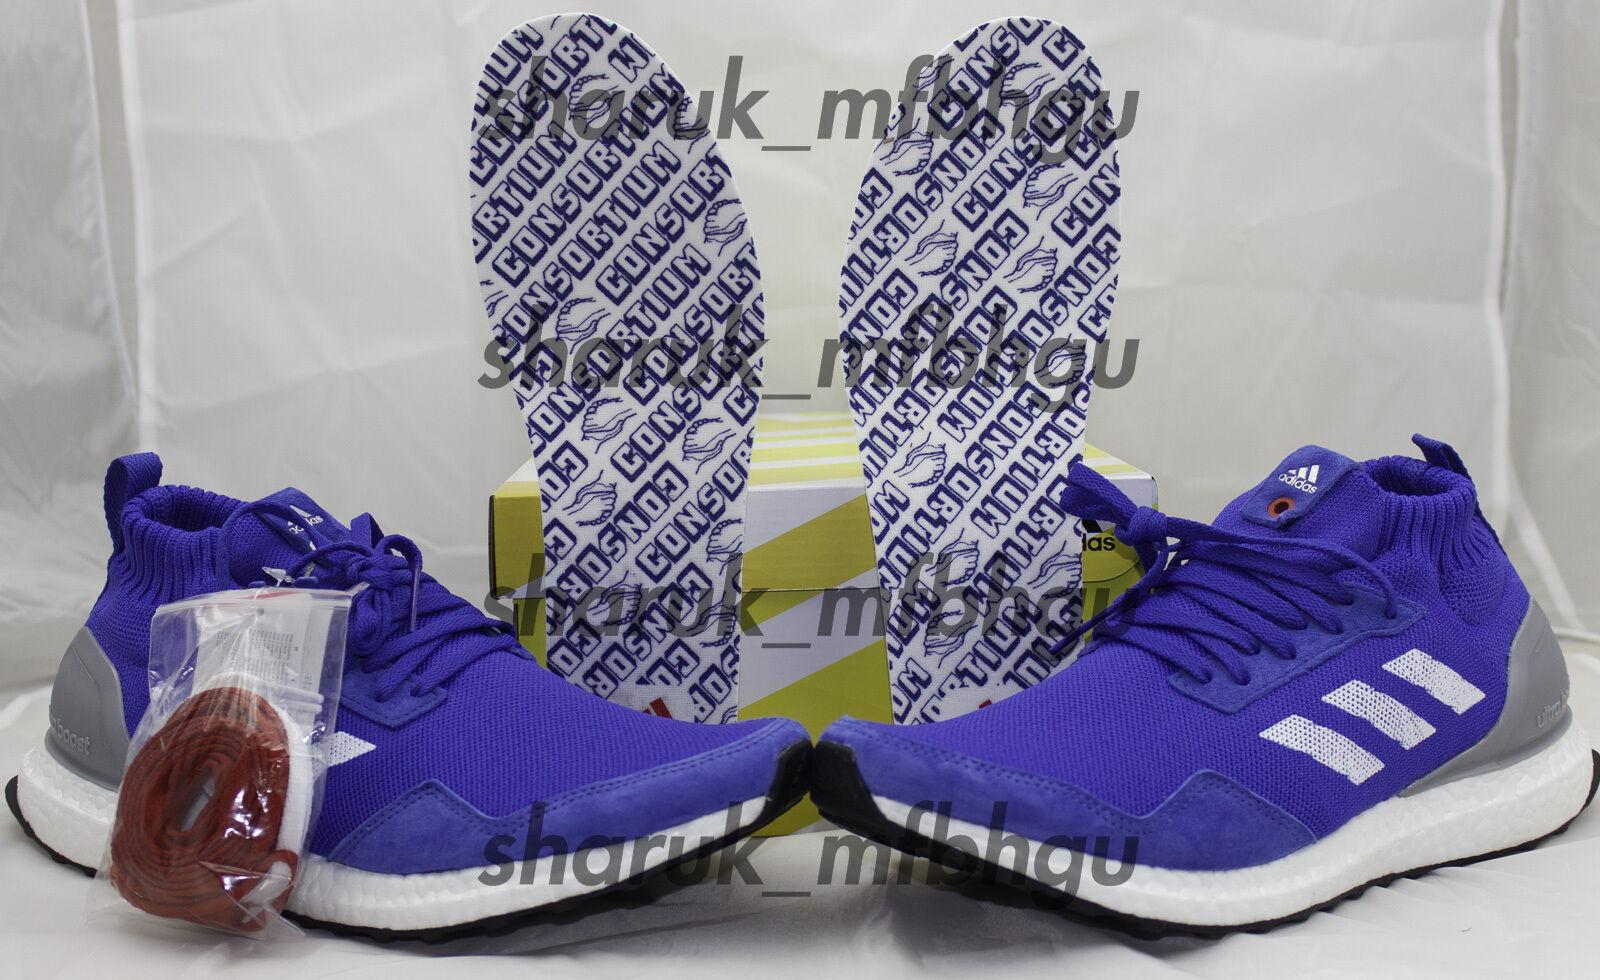 adidas Ultra EU Boost 2.0 Triple blanc EU Ultra 50 2/3 / US 15 /  DS AQ5929 LTD Yeezy 866d3f